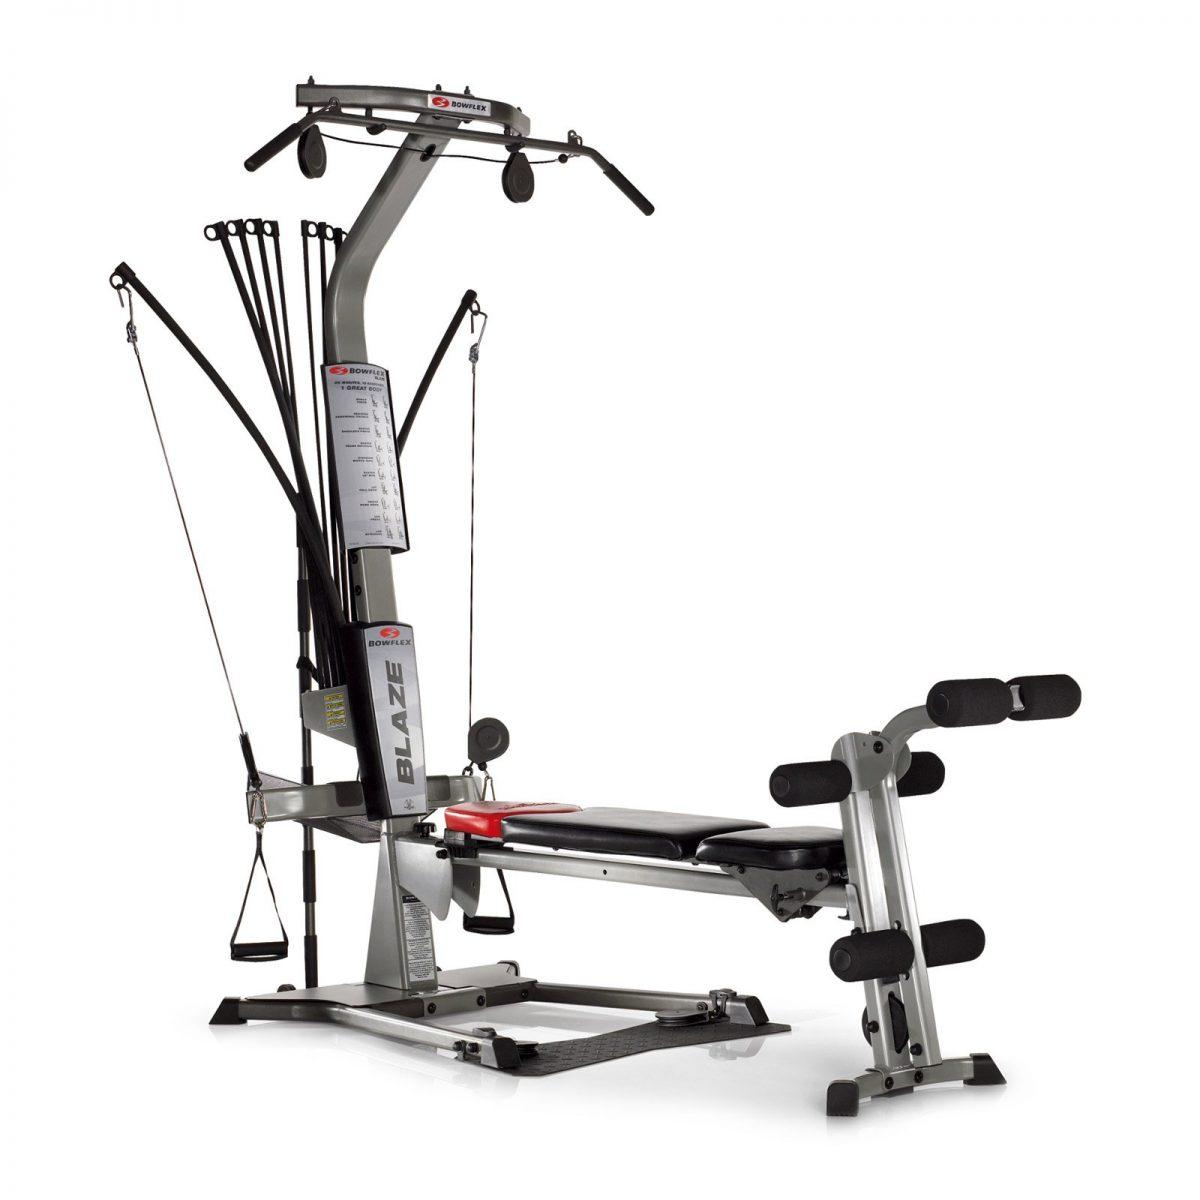 Product image a new grey Bowflex Blaze home gym machine